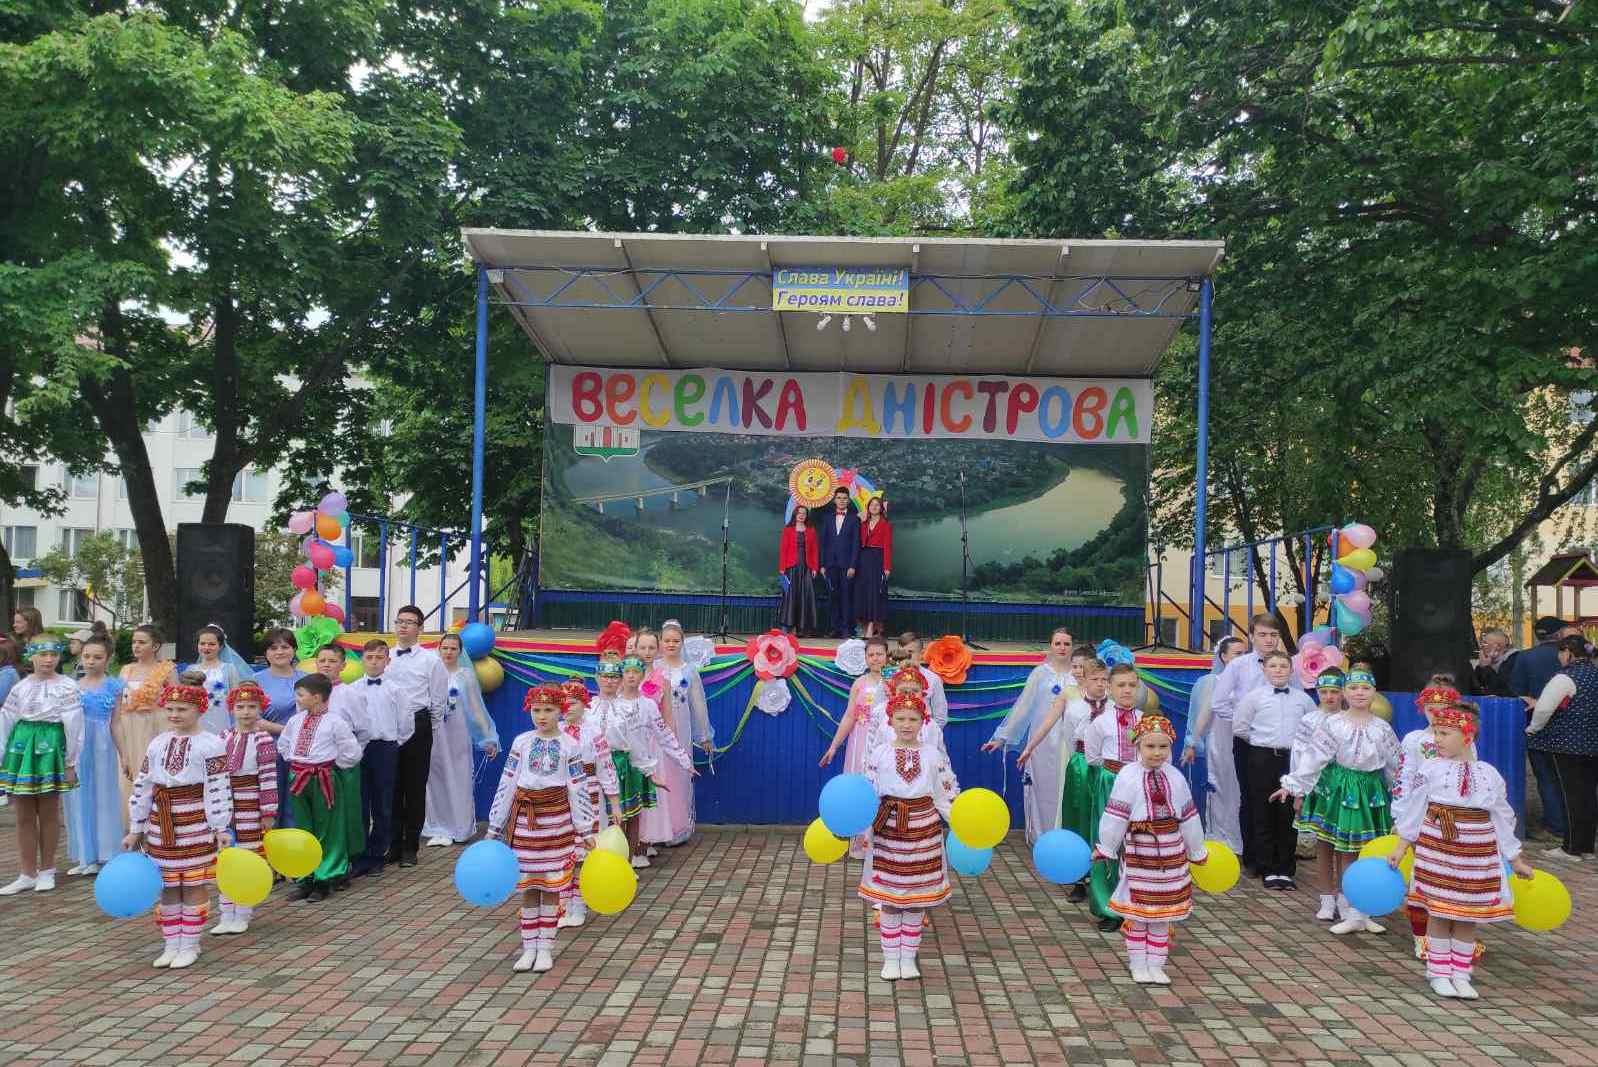 Фестиваль обдарованої учнівської молоді «Веселка Дністрова-2021»